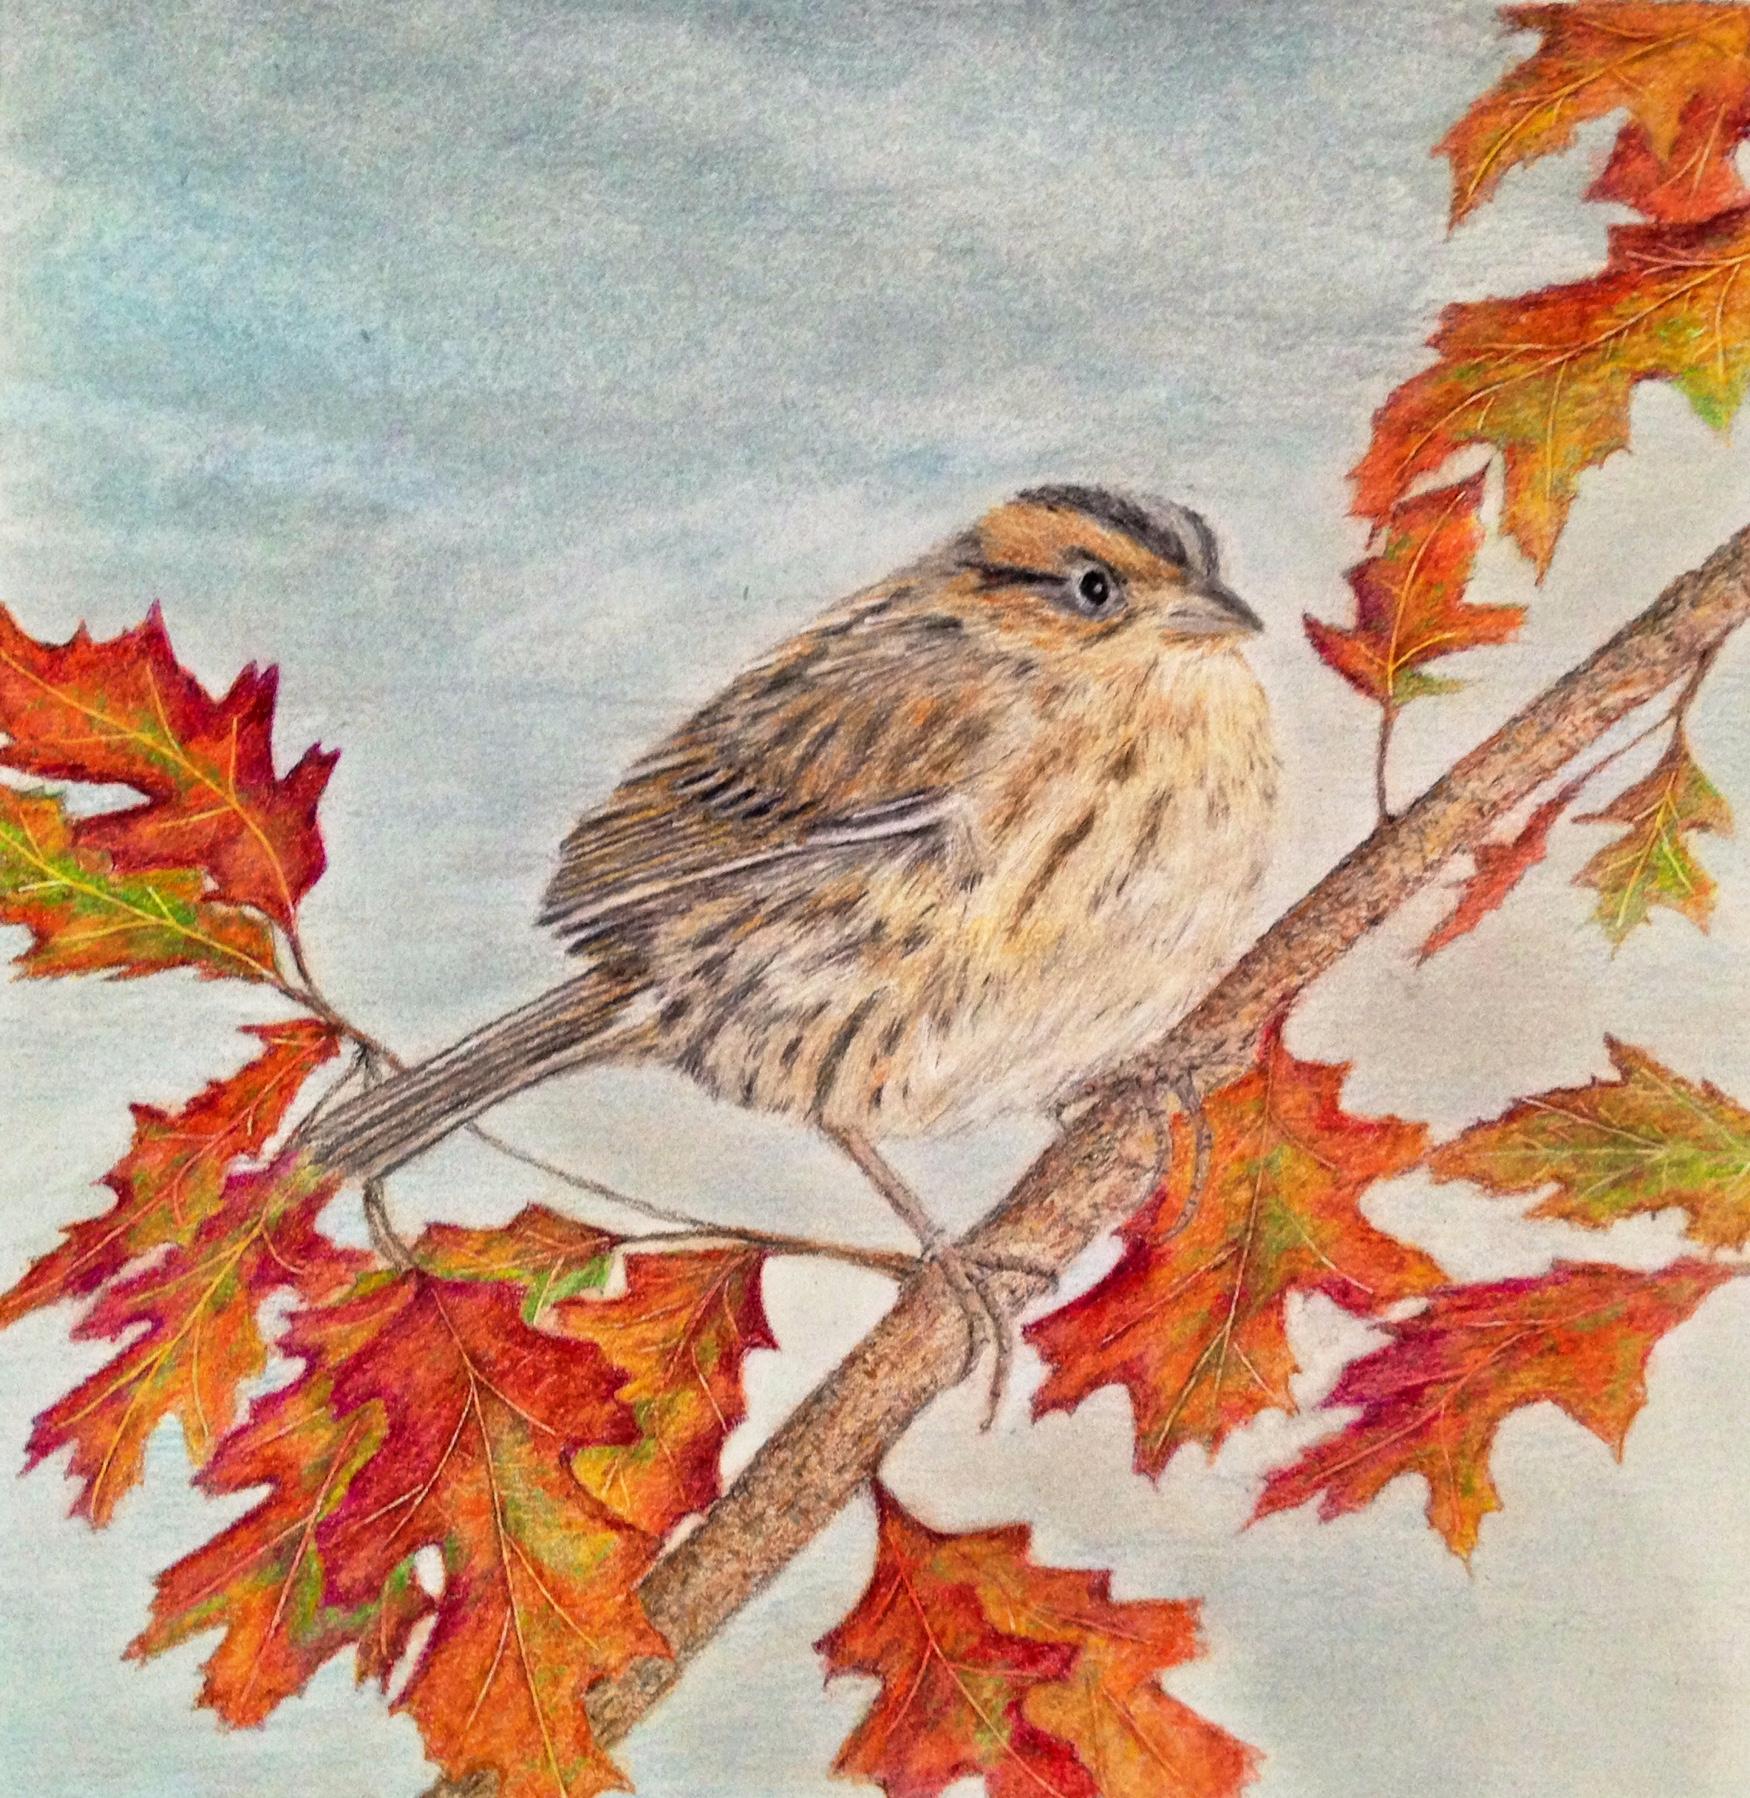 Fall Sparrow